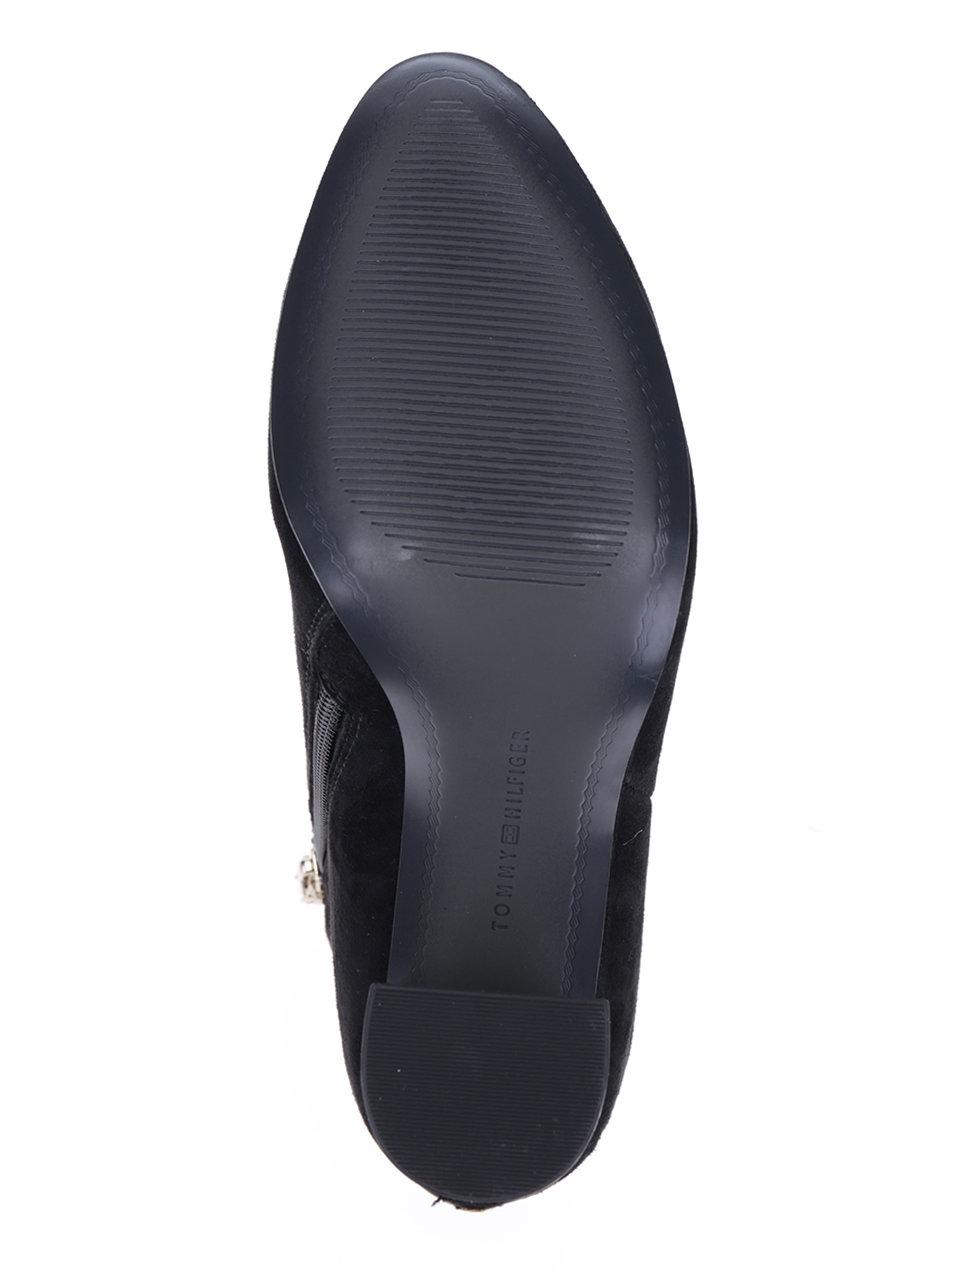 d59b05b6dcd Černé dámské semišové boty na podpatku Tommy Hilfiger Shu ...